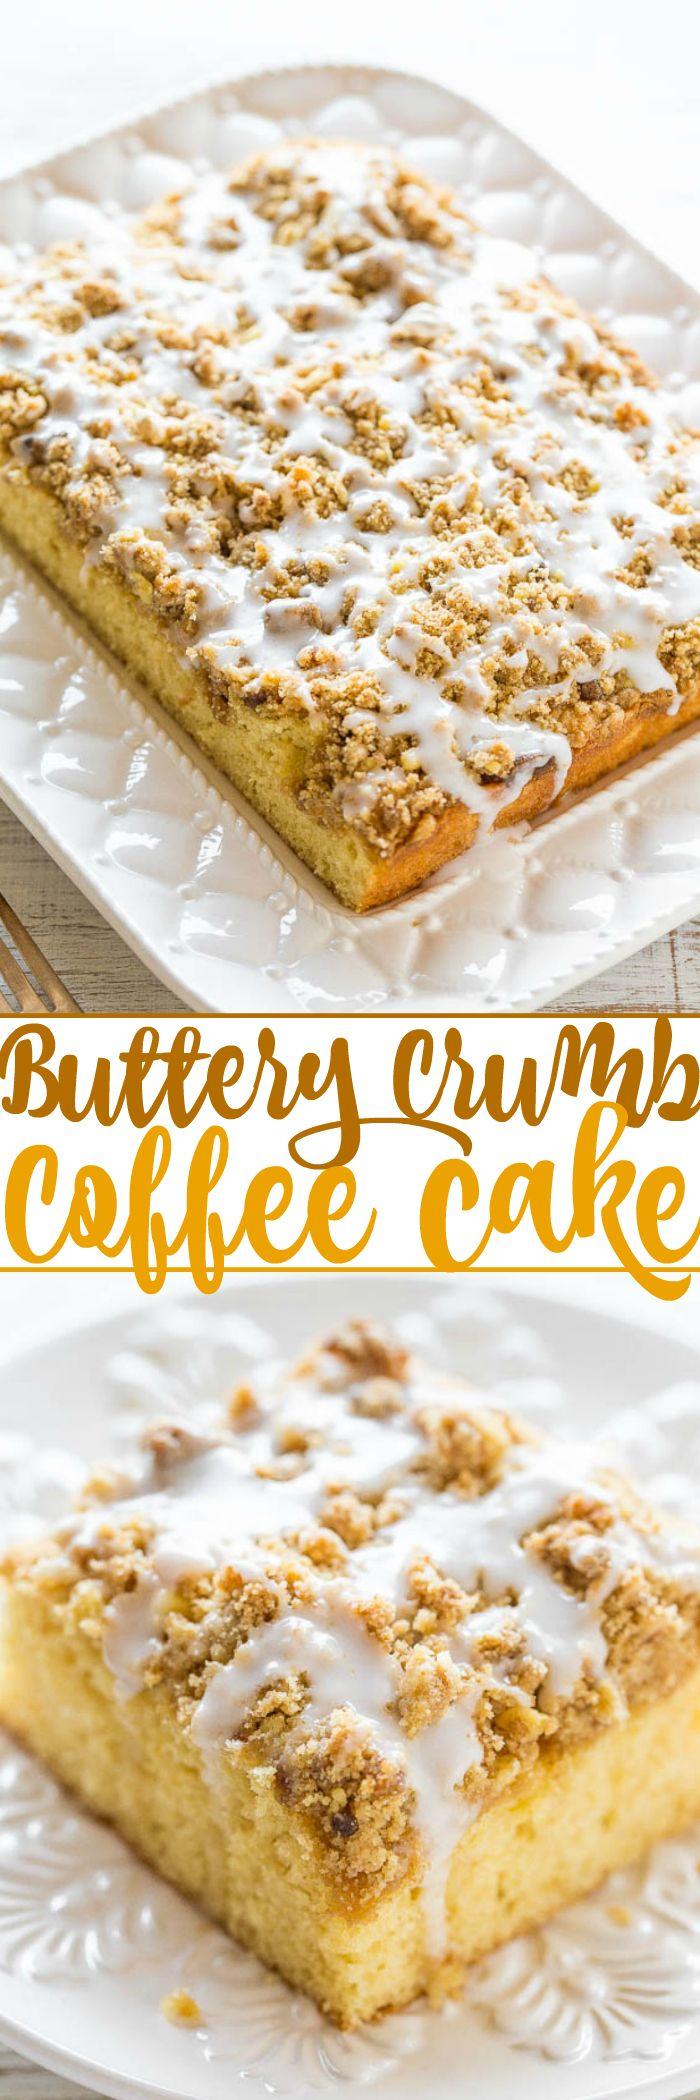 Buttery Coffee Crumb Cake Recipe Crumb coffee cakes